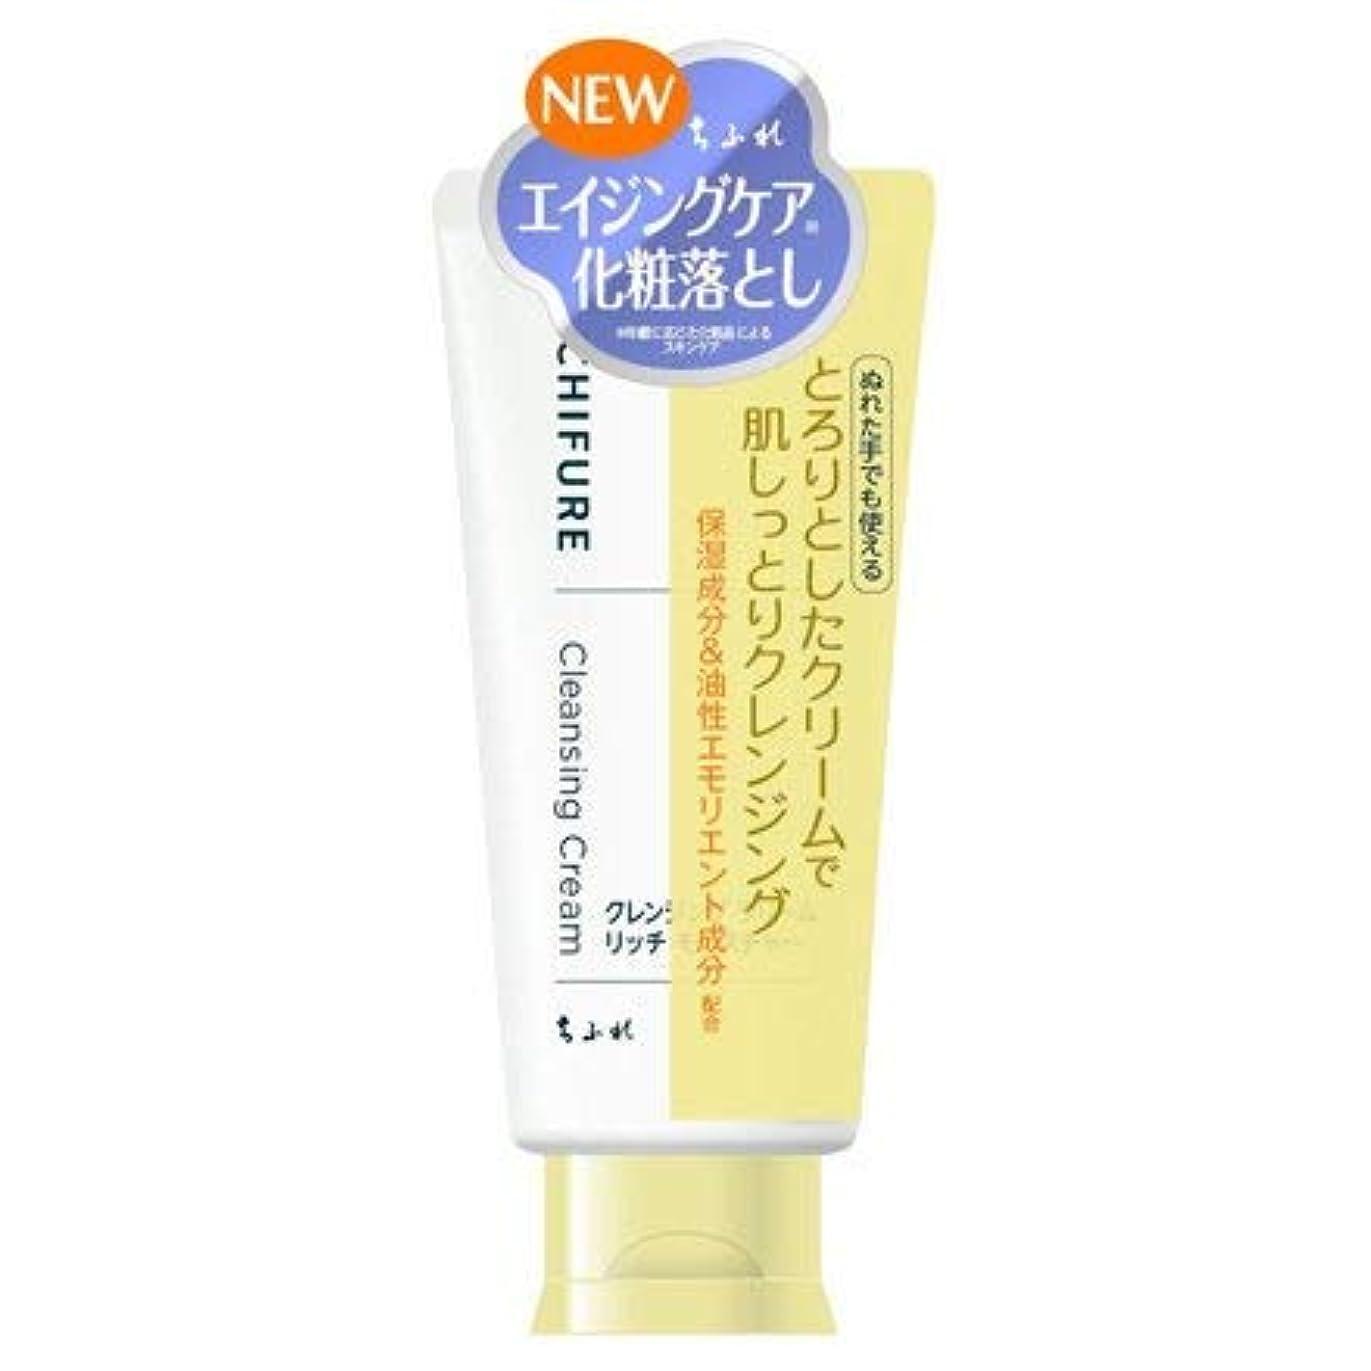 冷ややかな指紋泥だらけちふれ化粧品 クレンジングクリーム リッチモイスチャータイプ 100g